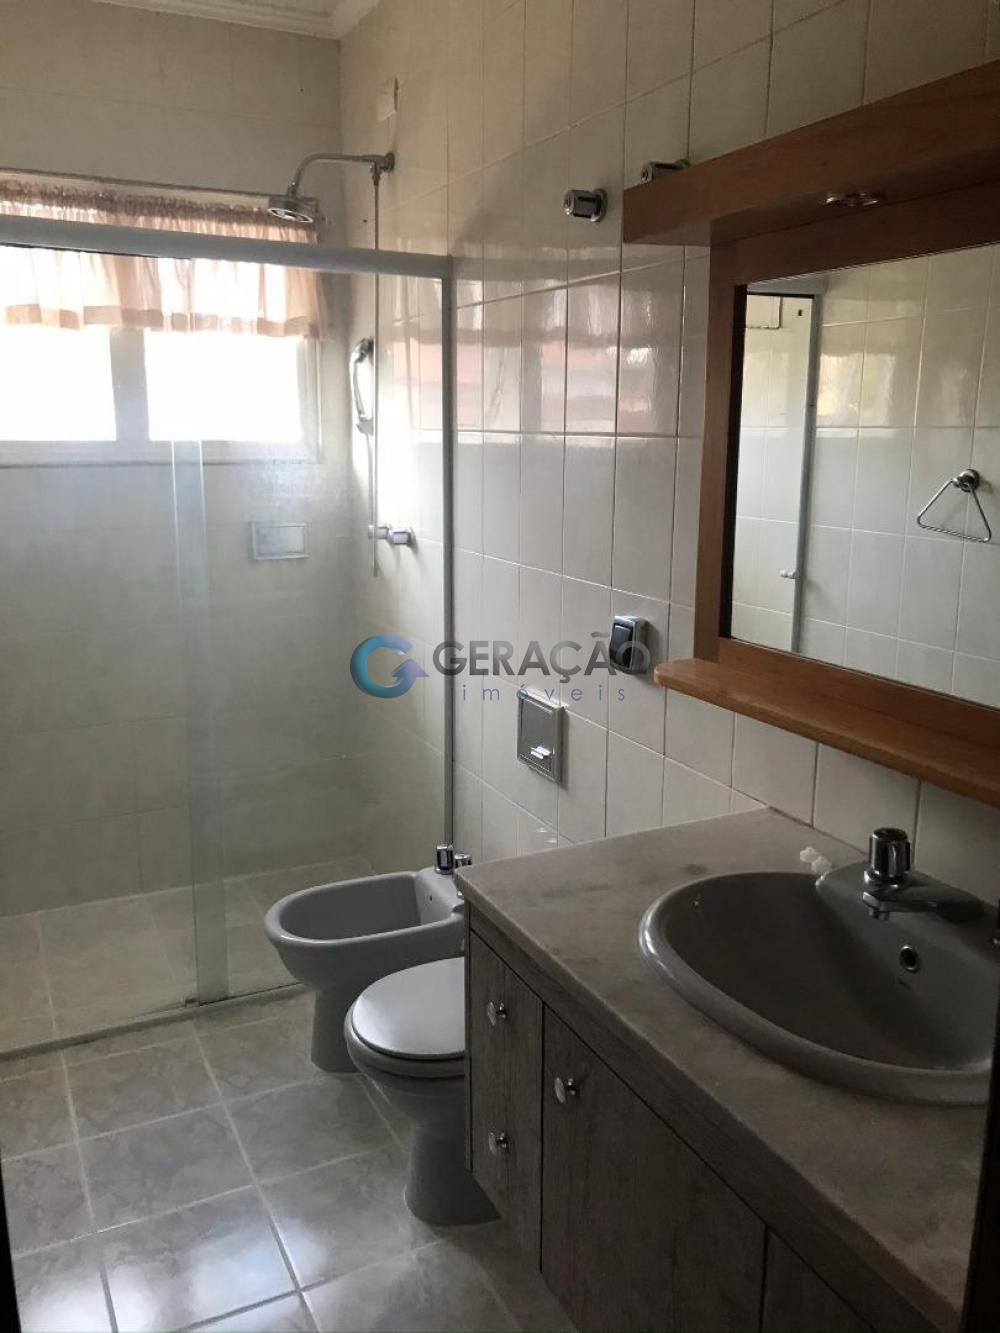 Comprar Casa / Condomínio em São José dos Campos apenas R$ 1.600.000,00 - Foto 17